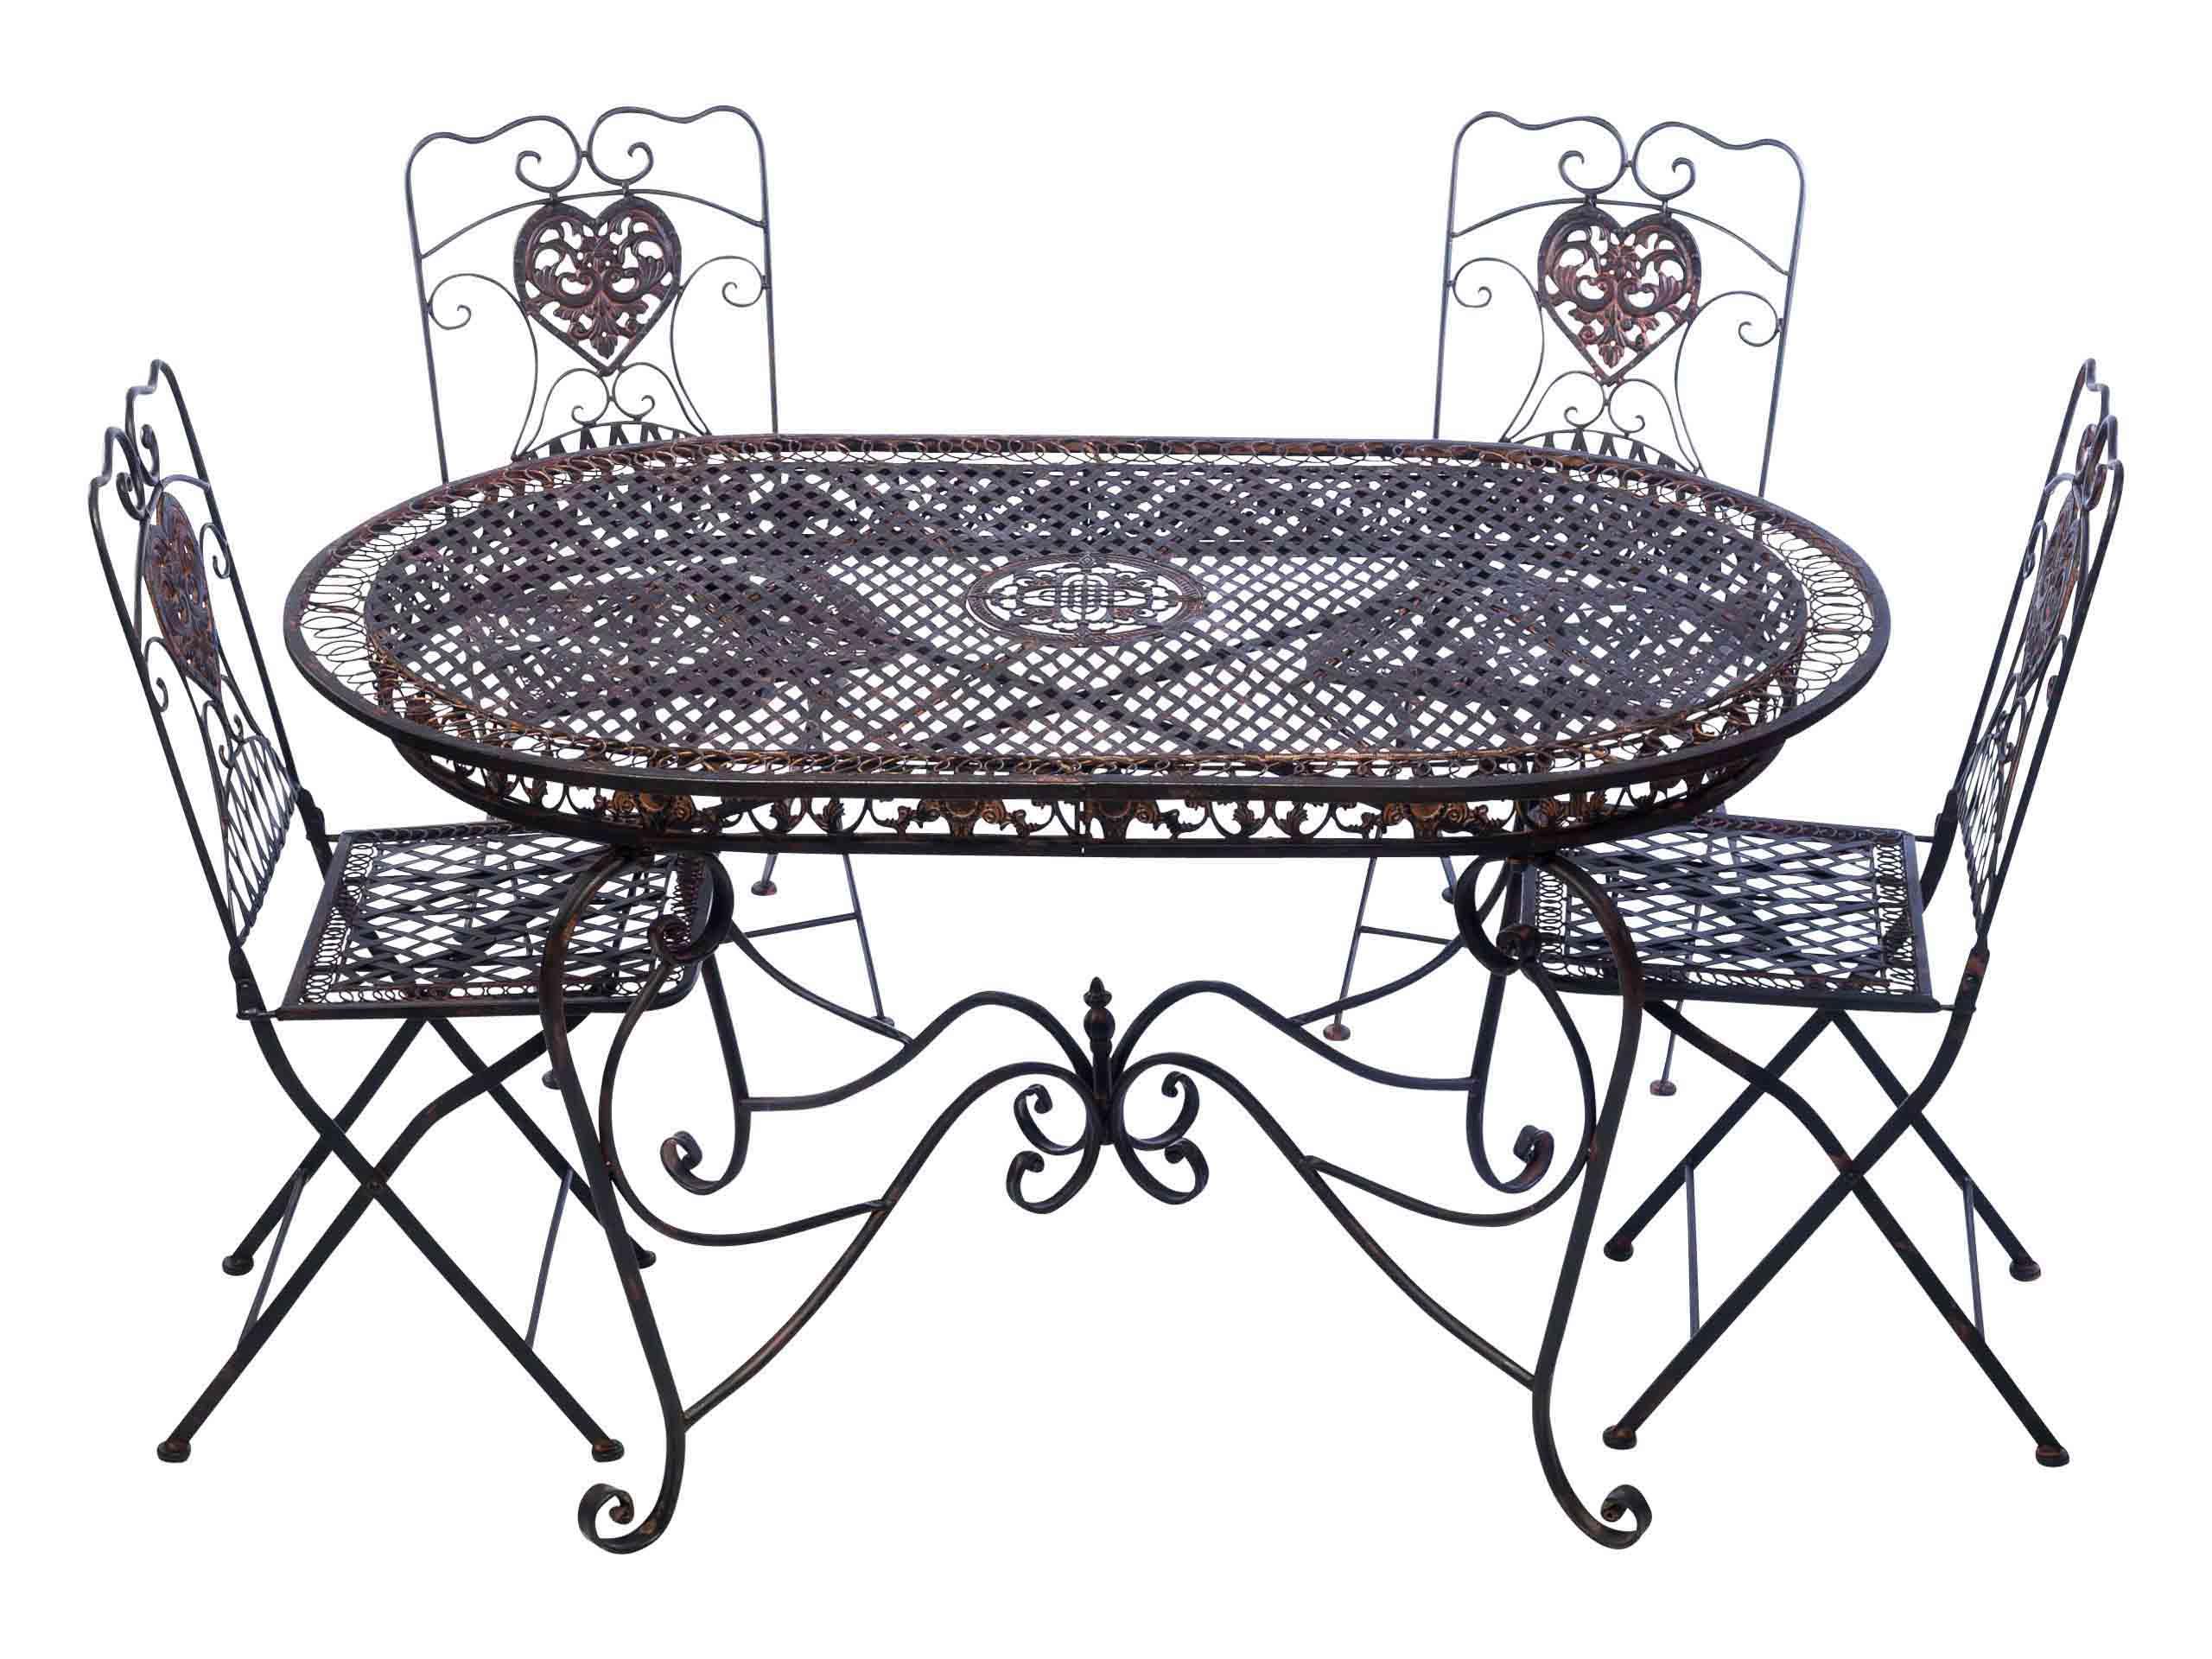 Garnitur Gartentisch 4 Stuhle Braun Eisen Gartenmobel Stuhl